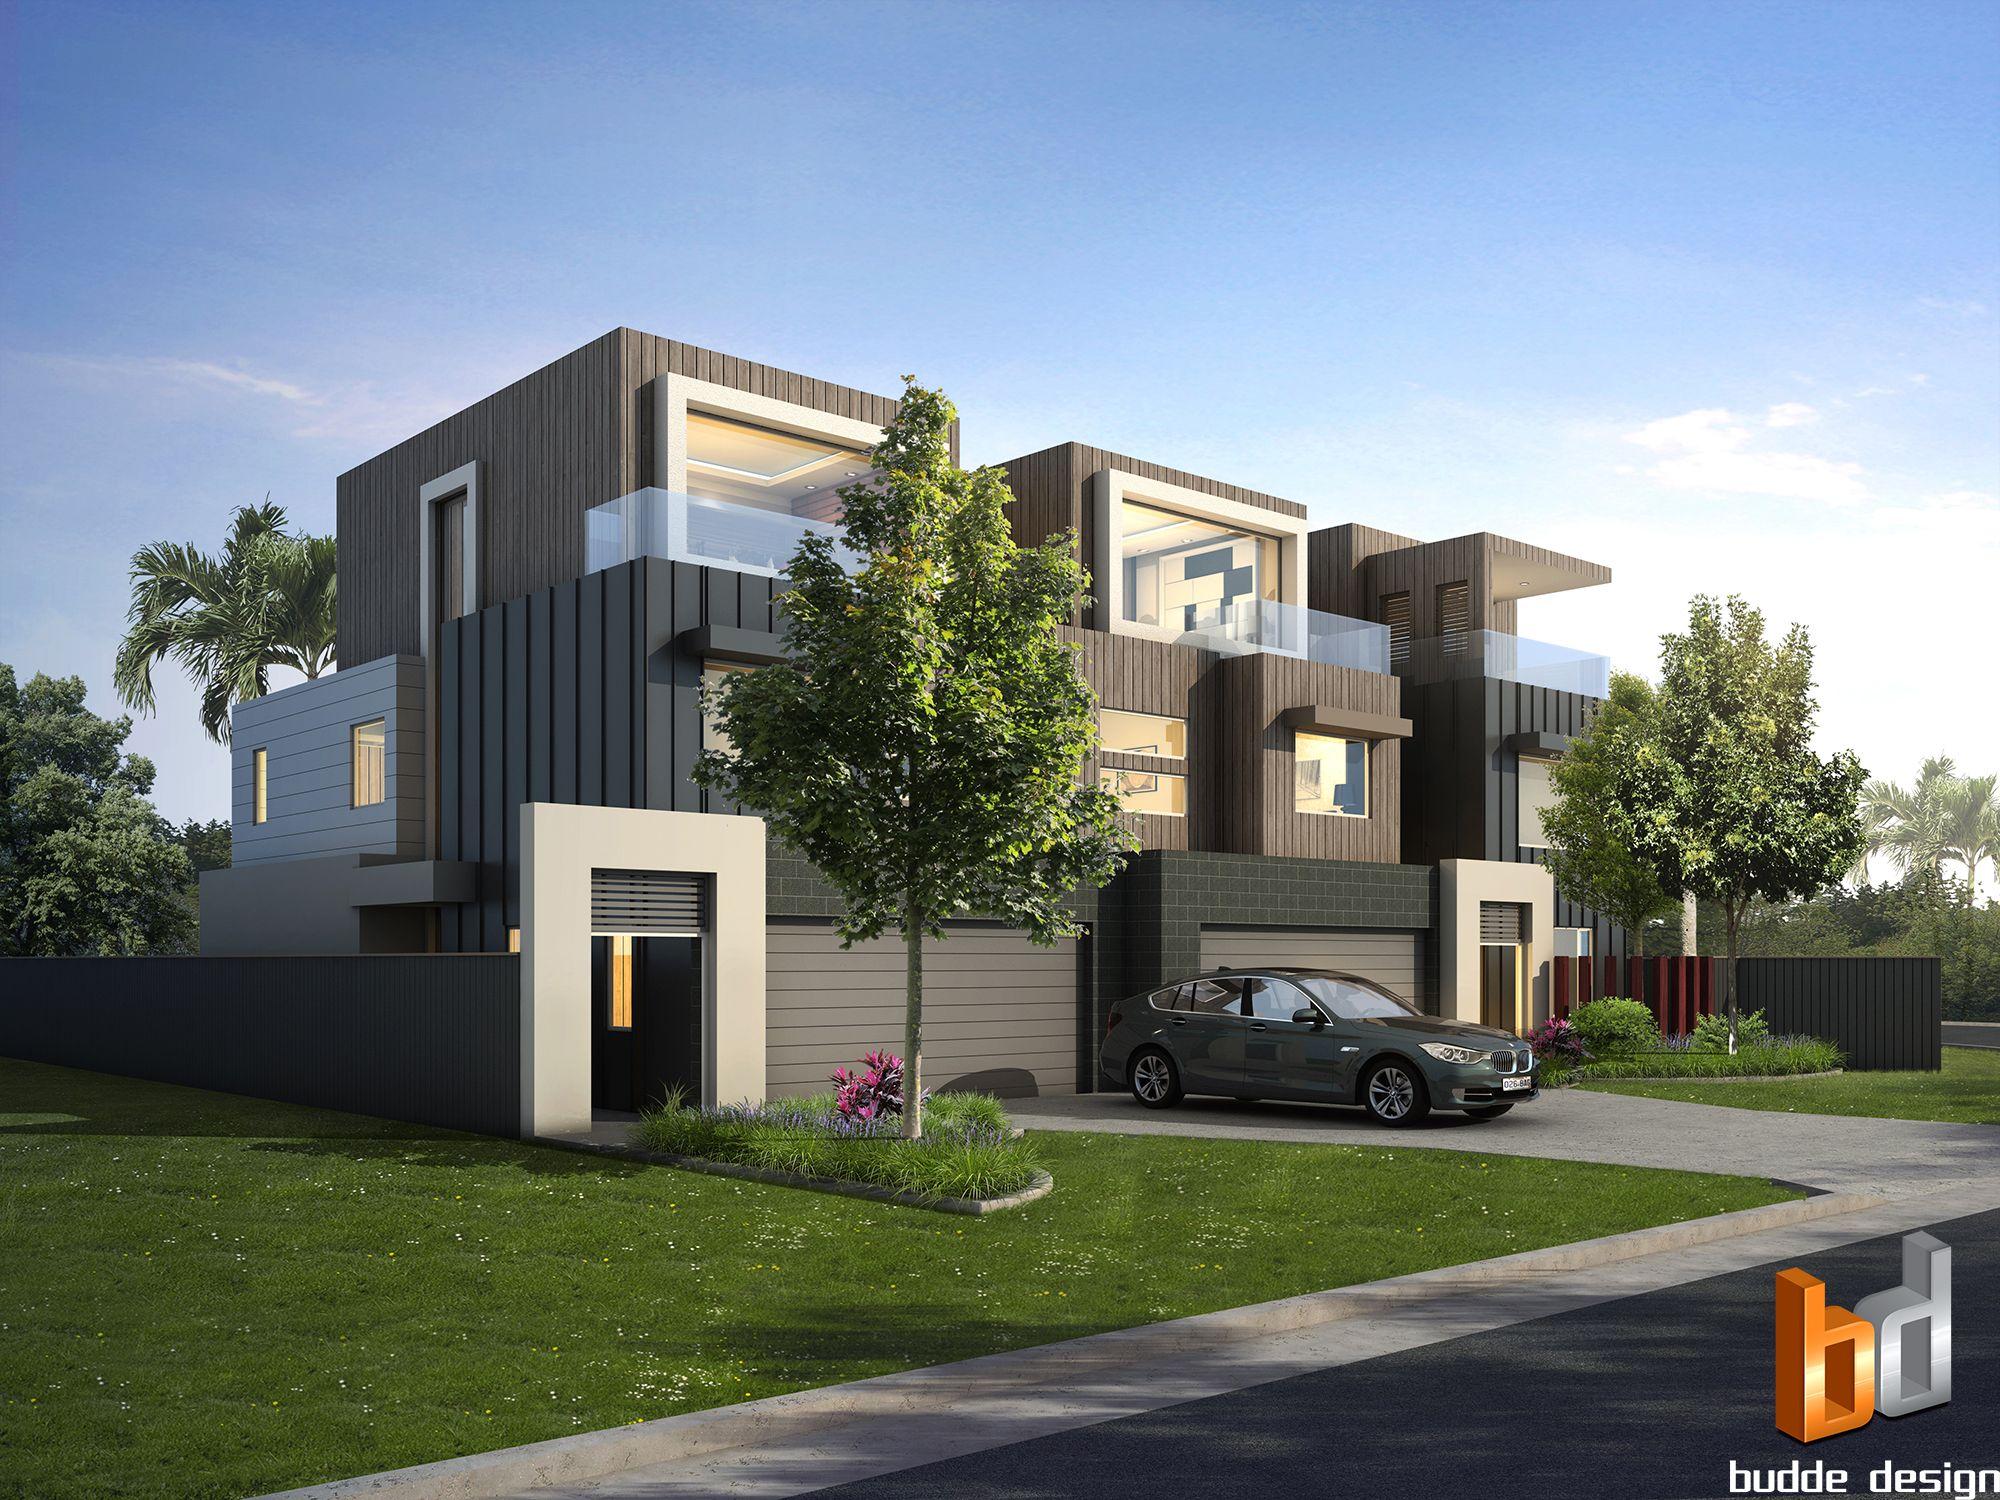 3D External Render For A 3 Townhouse Development Project